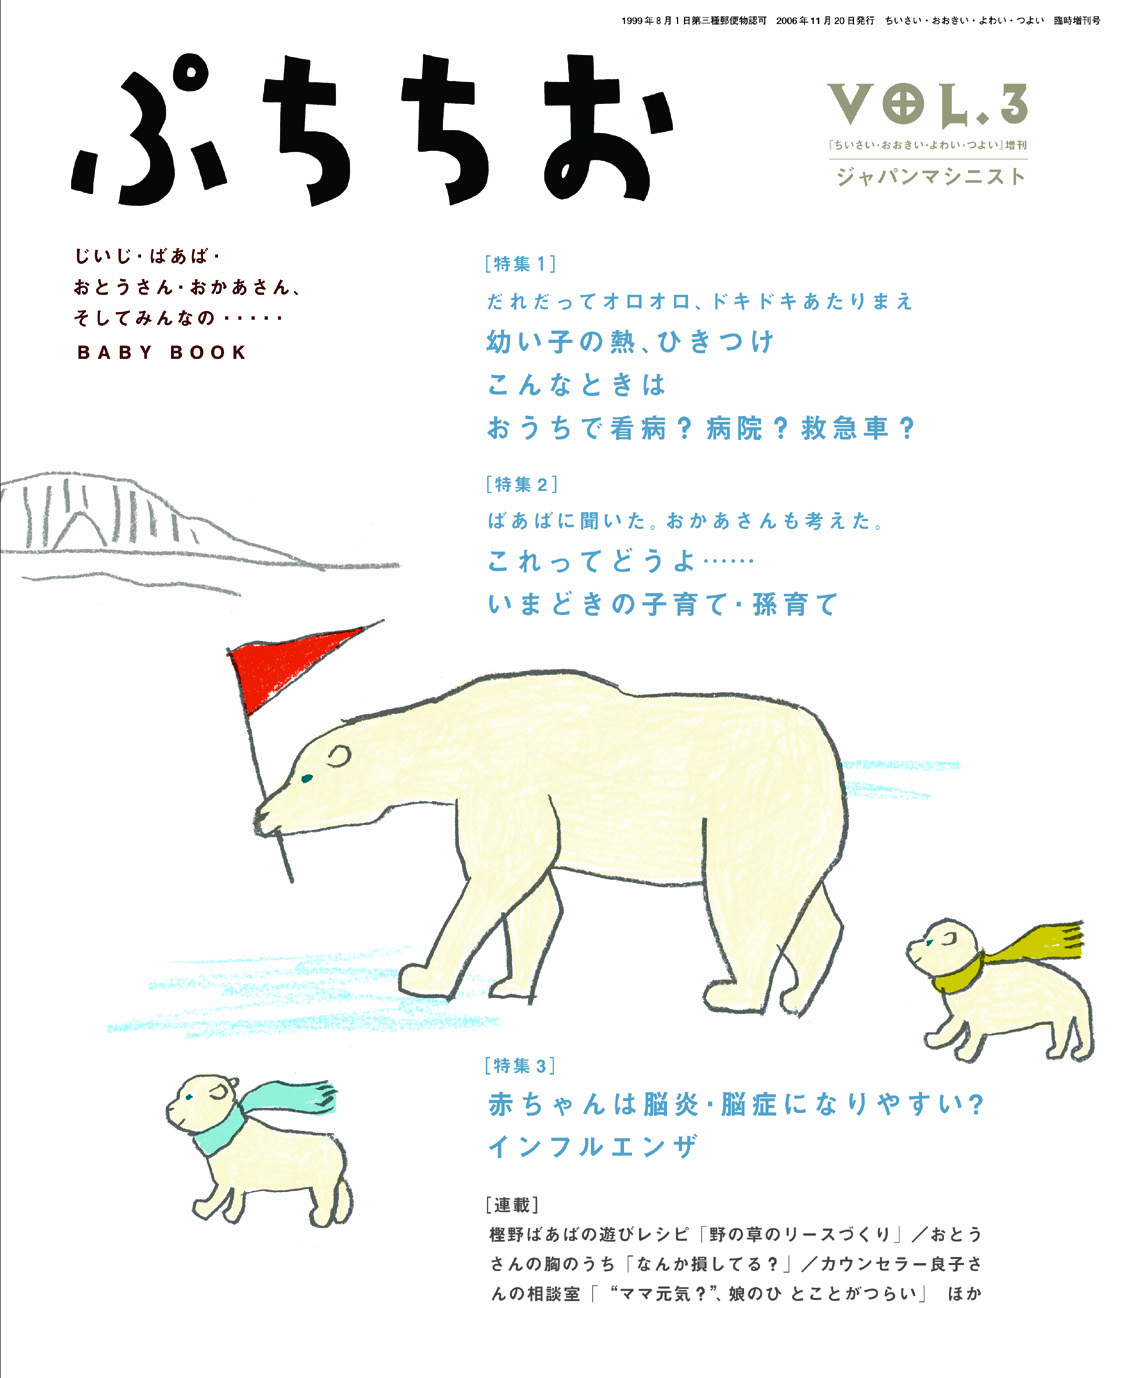 「ぷちちお」3号